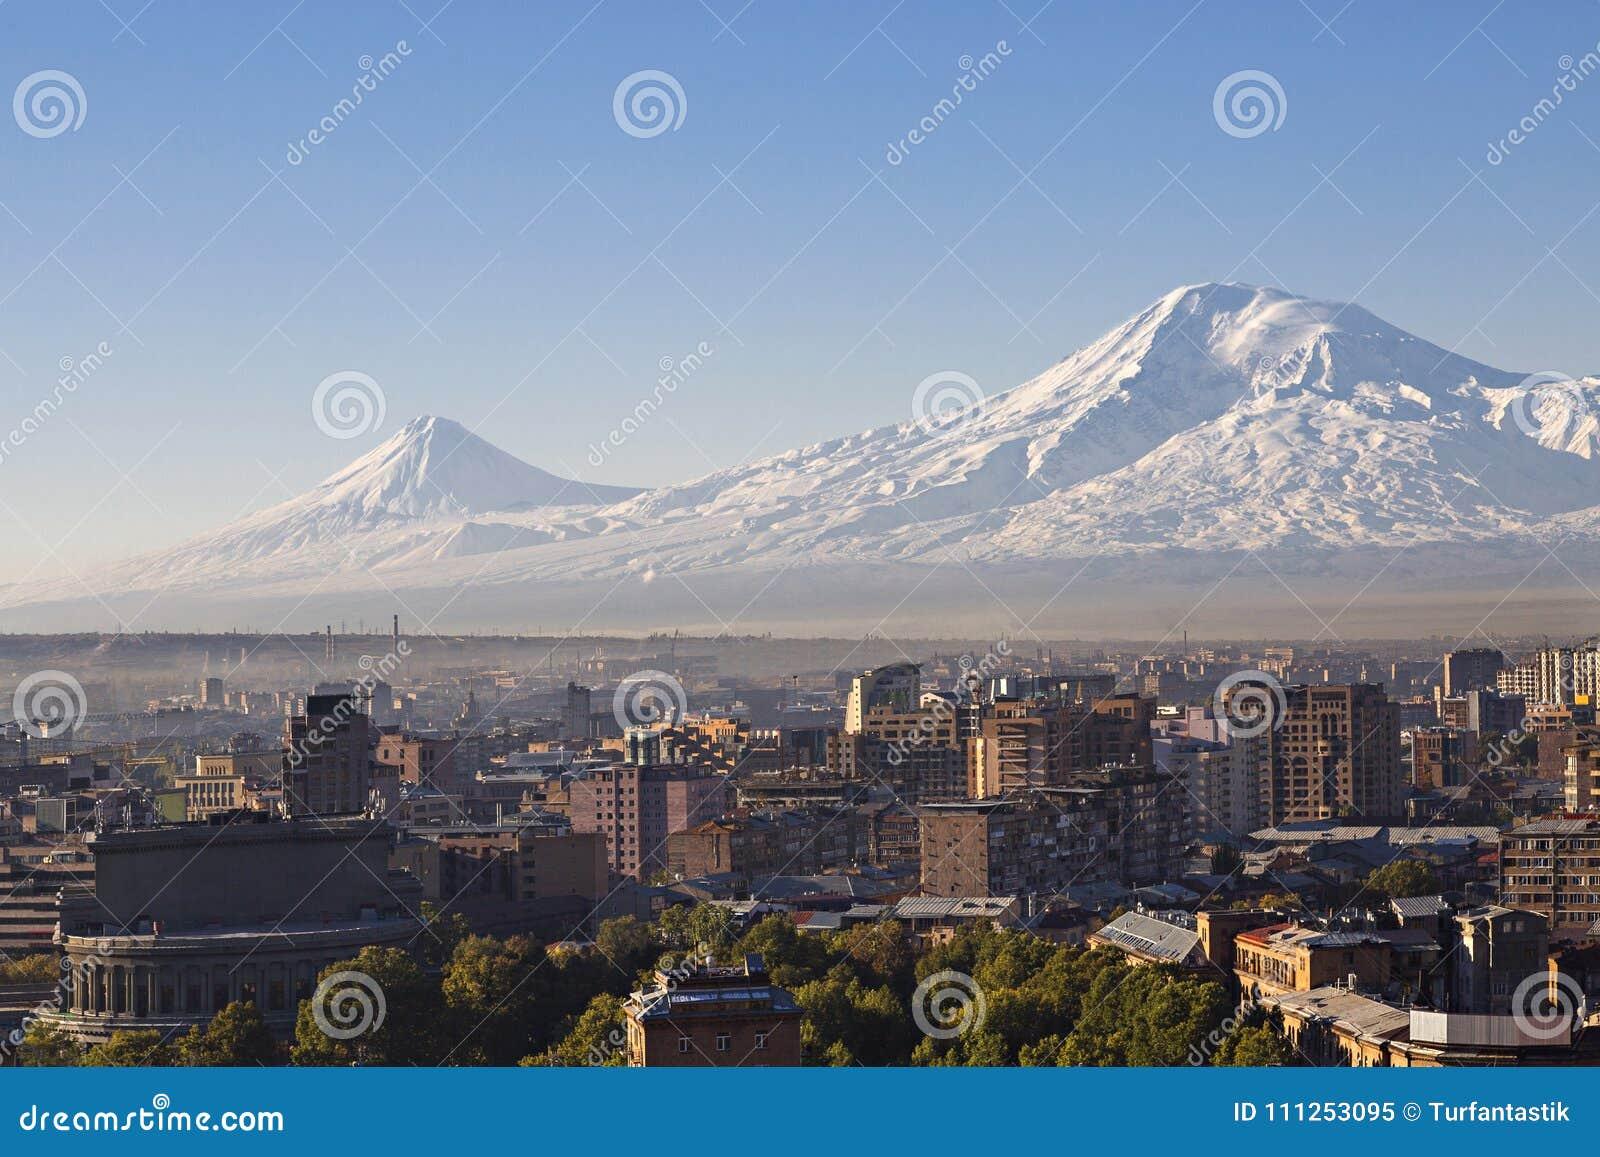 Ereván, capital de Armenia en la salida del sol con los dos picos del monte Ararat en el fondo